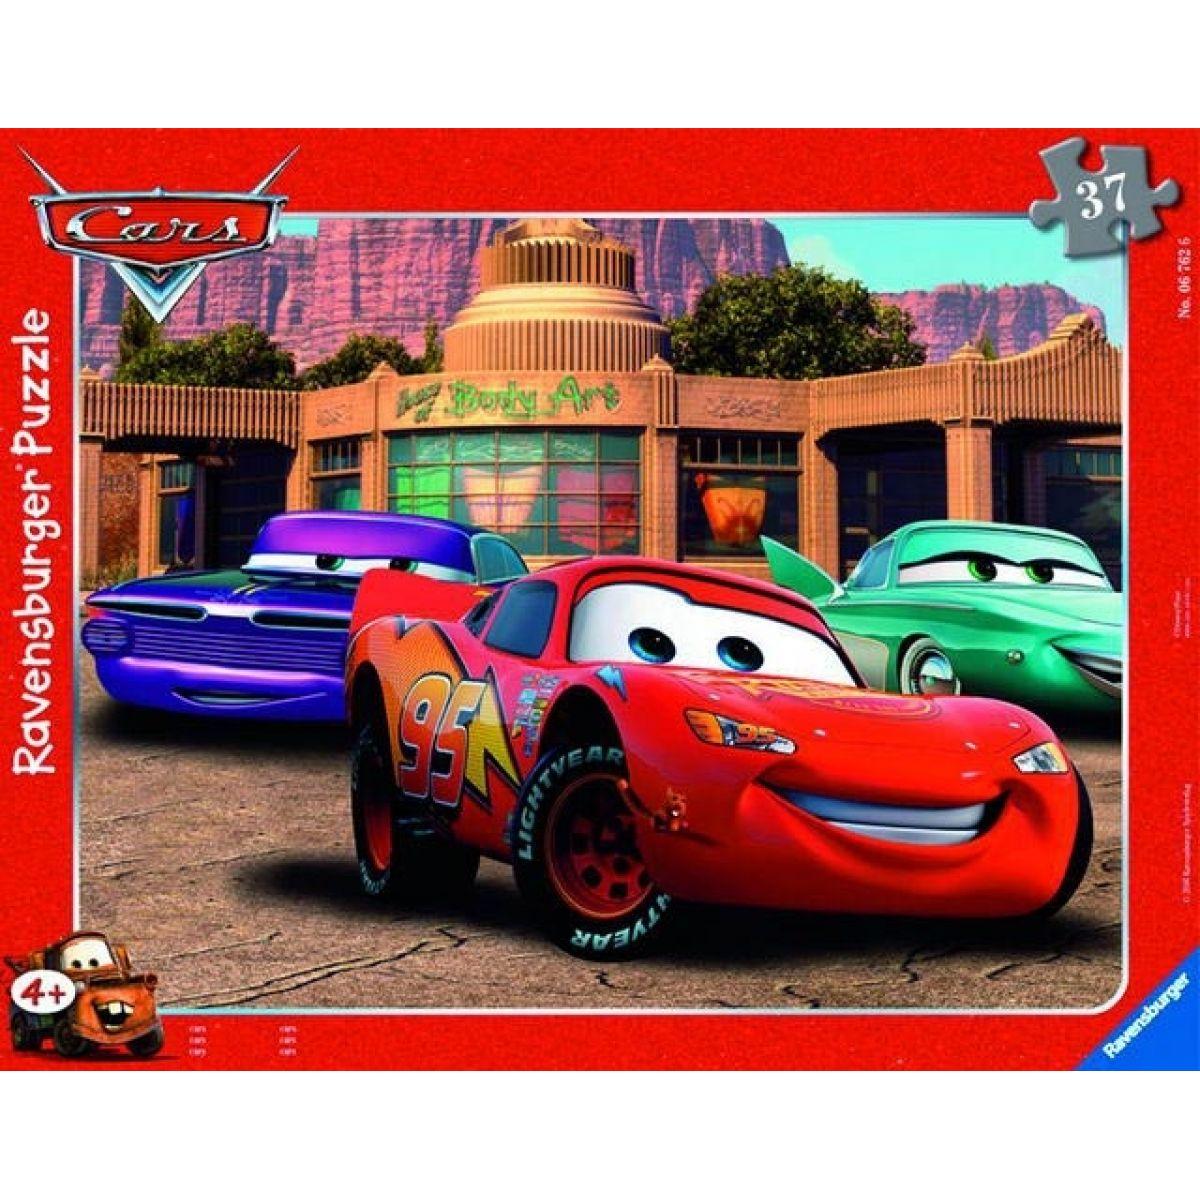 Ravensburger The Cars 37 dílků